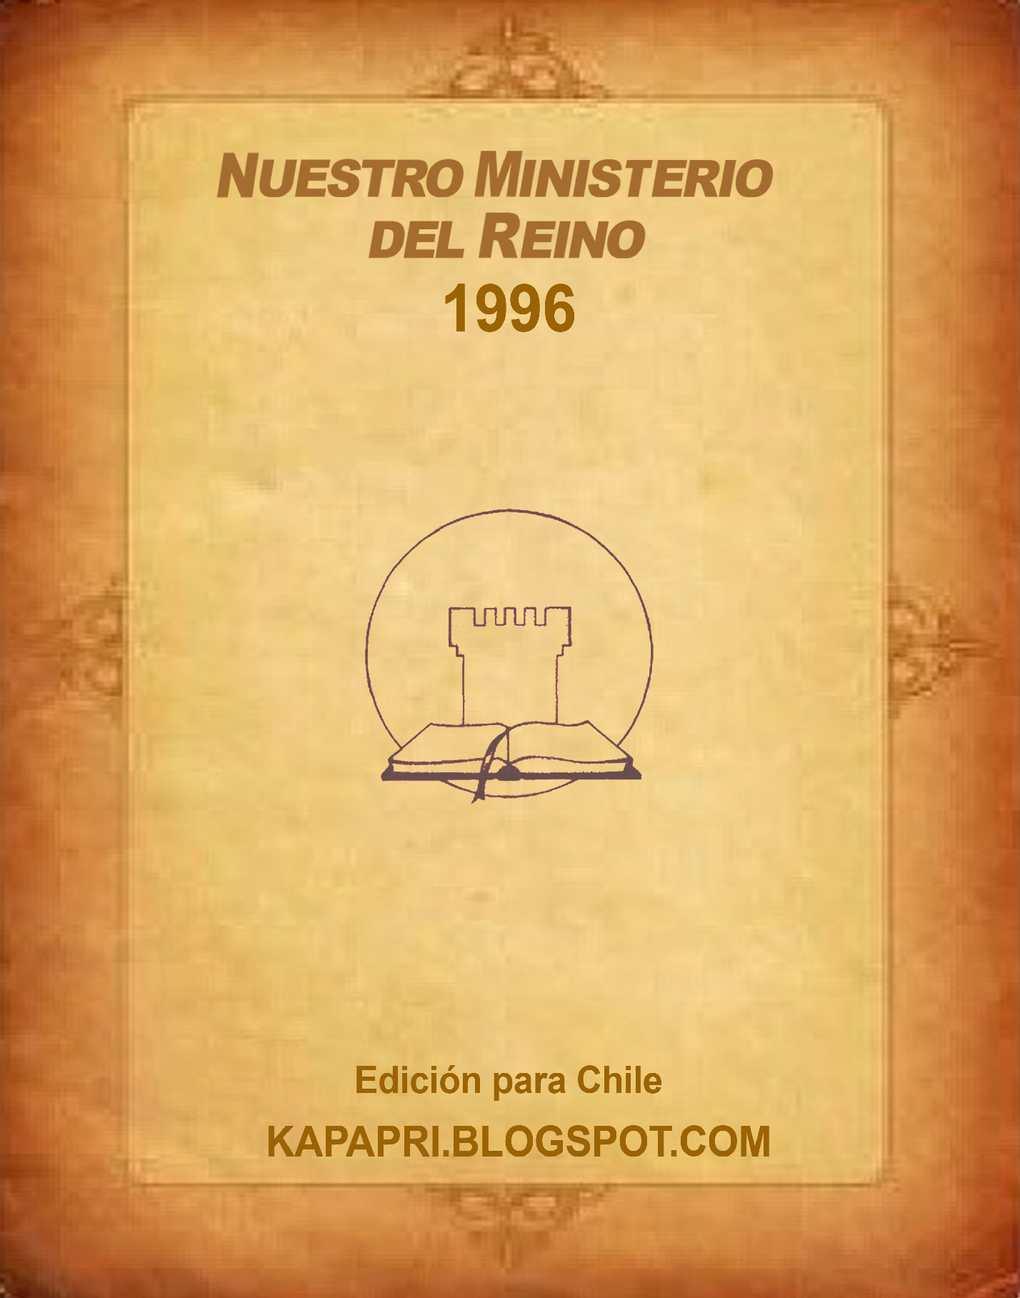 1996 Nuestro Ministerio del Reino